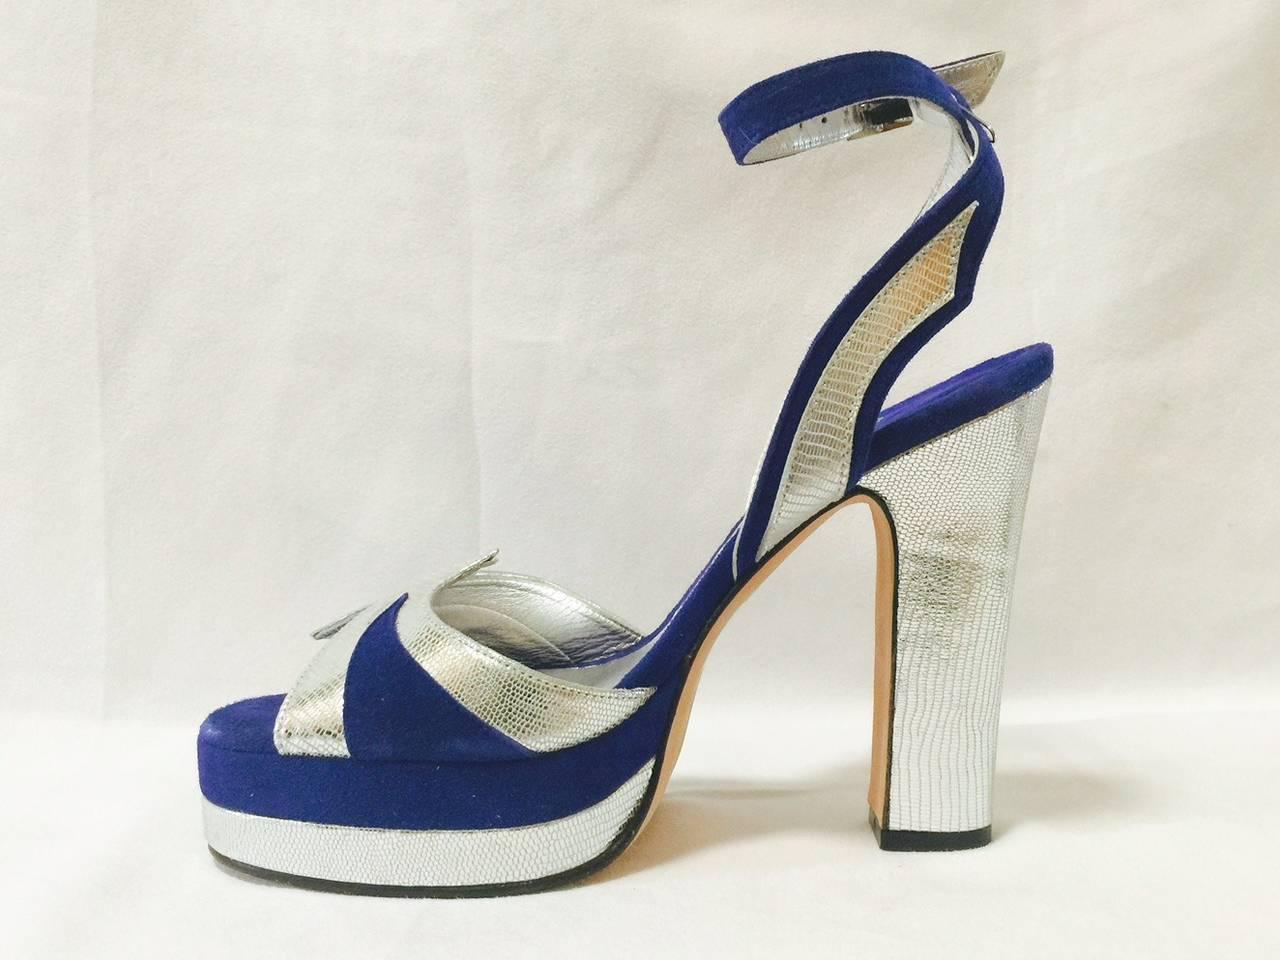 New Terry de Havilland Blue Suede Platform Stacked High Heel Sandals 3